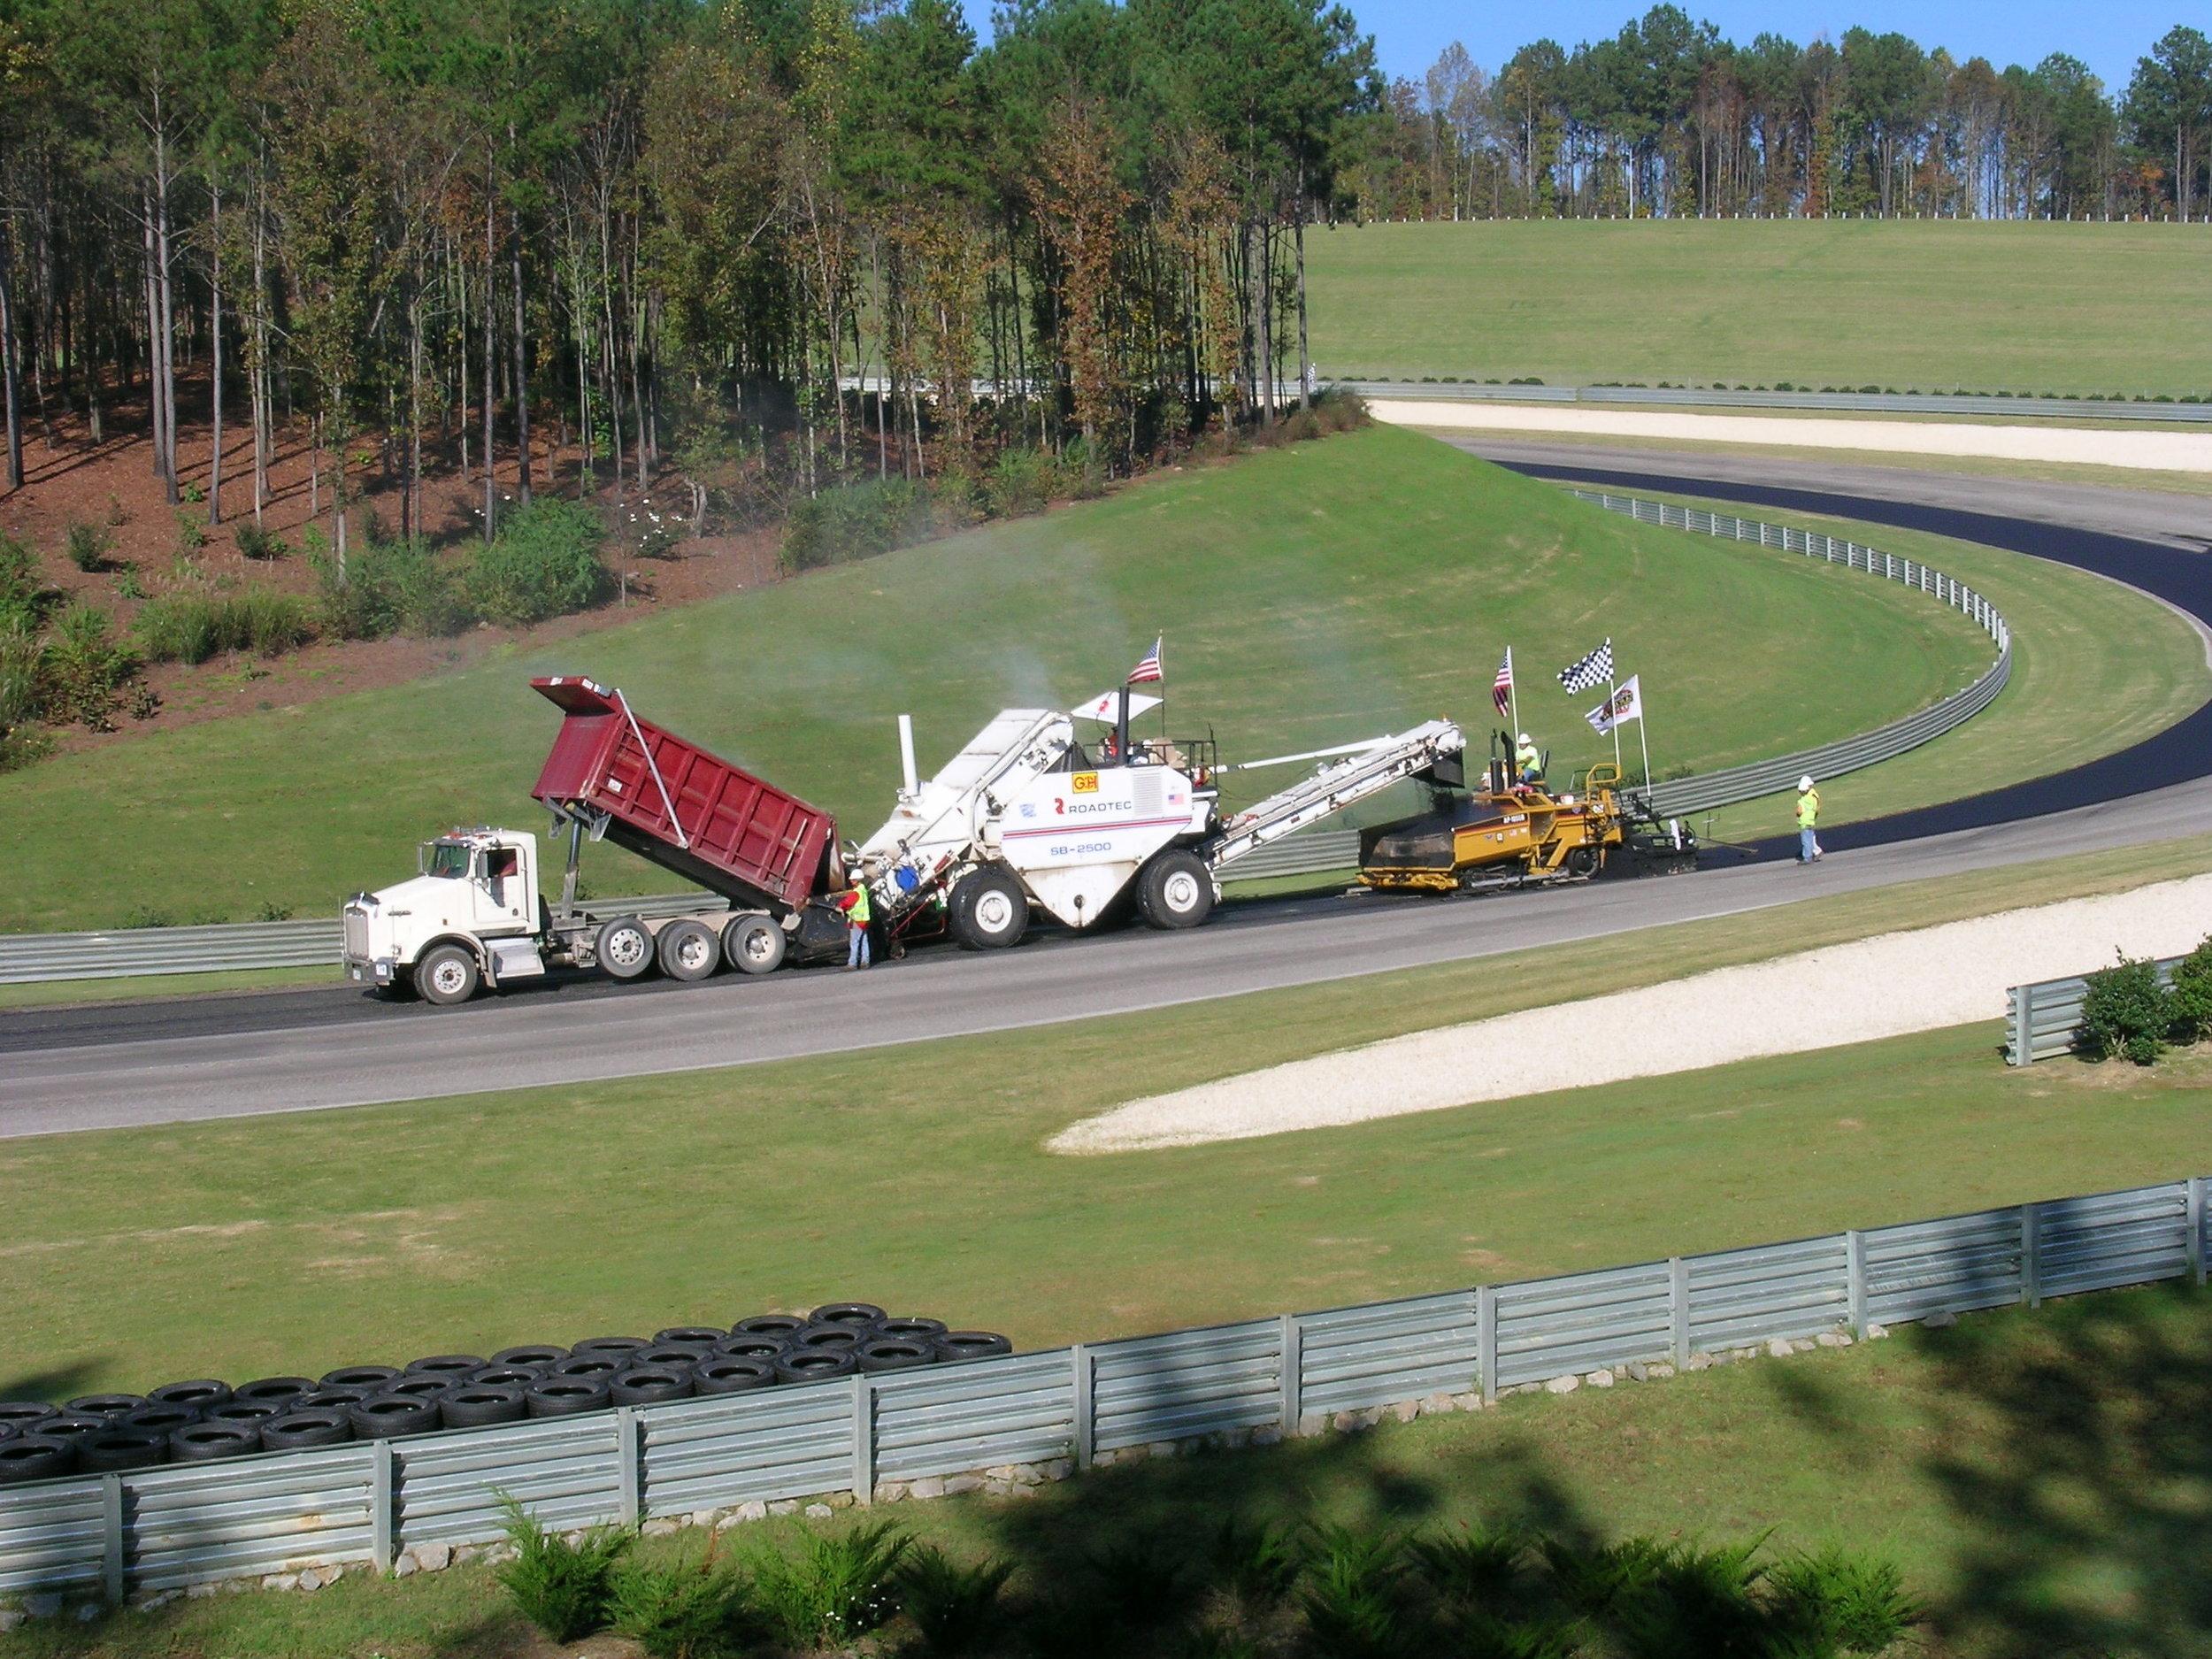 Barber Motorsports Park | Birmingham, Alabama